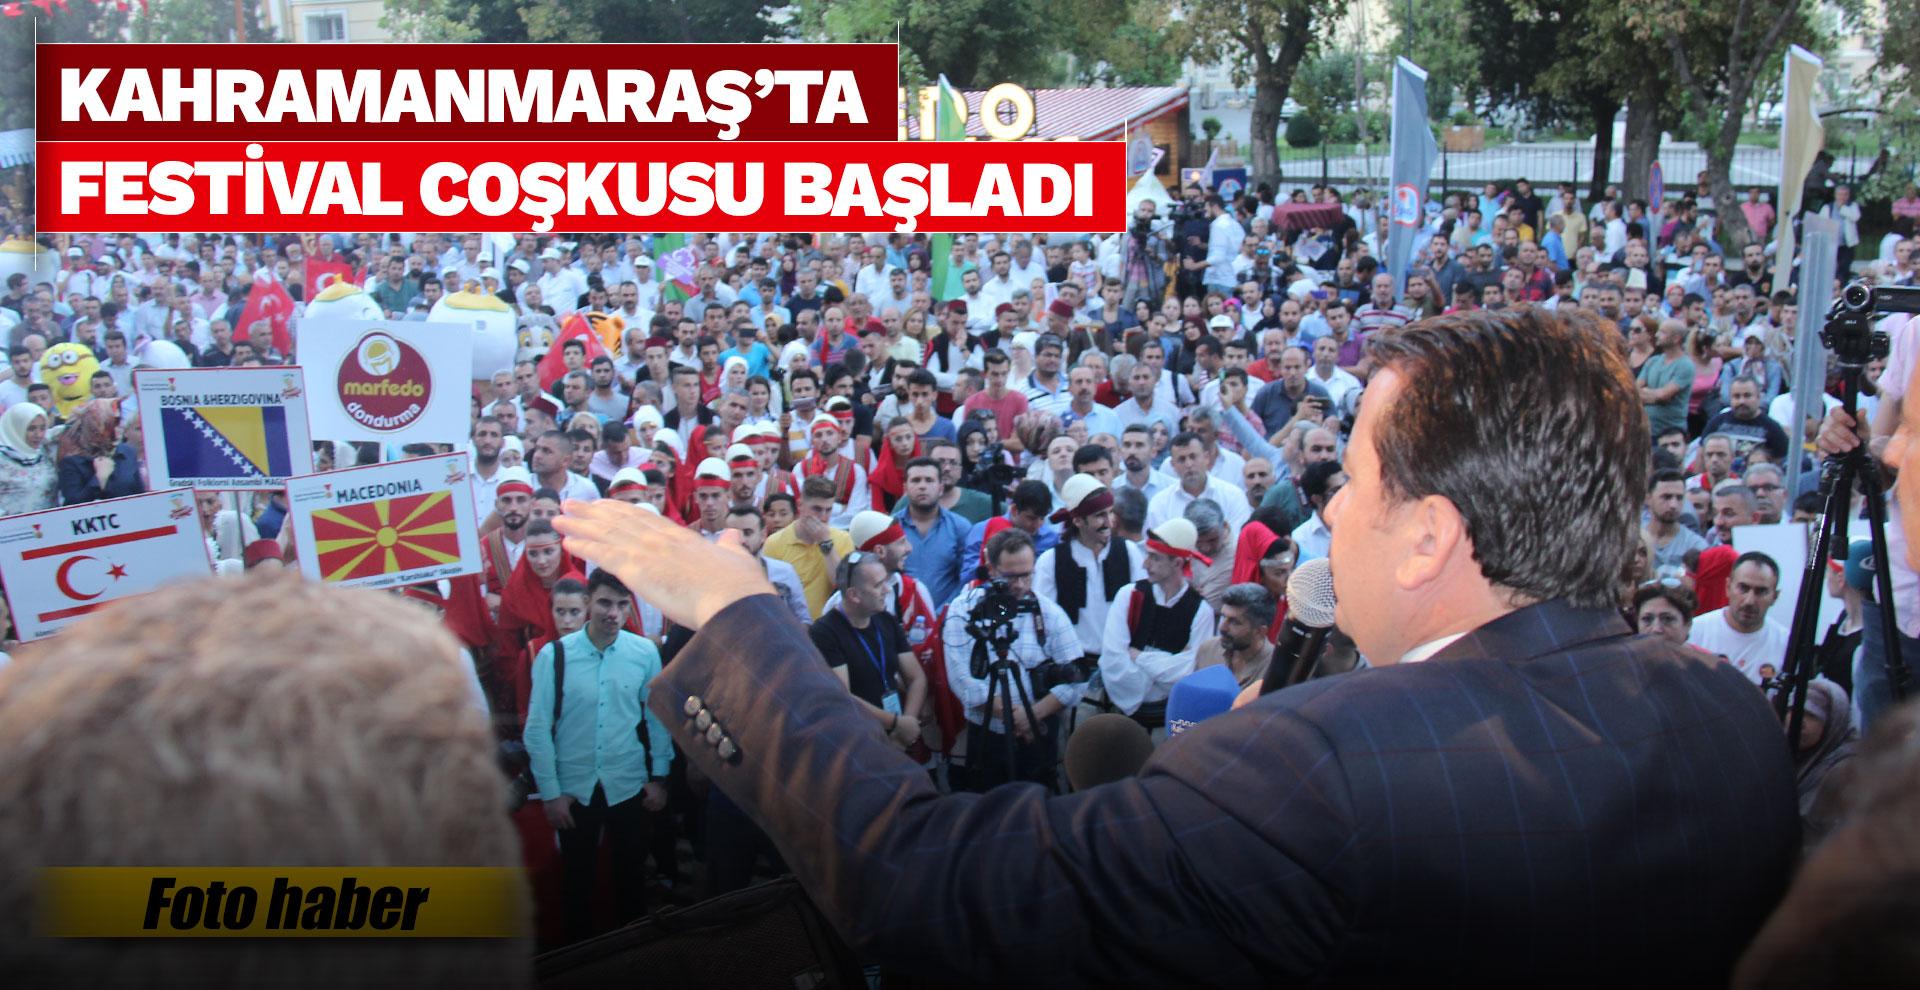 Kahramanmaraş'ta festival coşkusu başladı